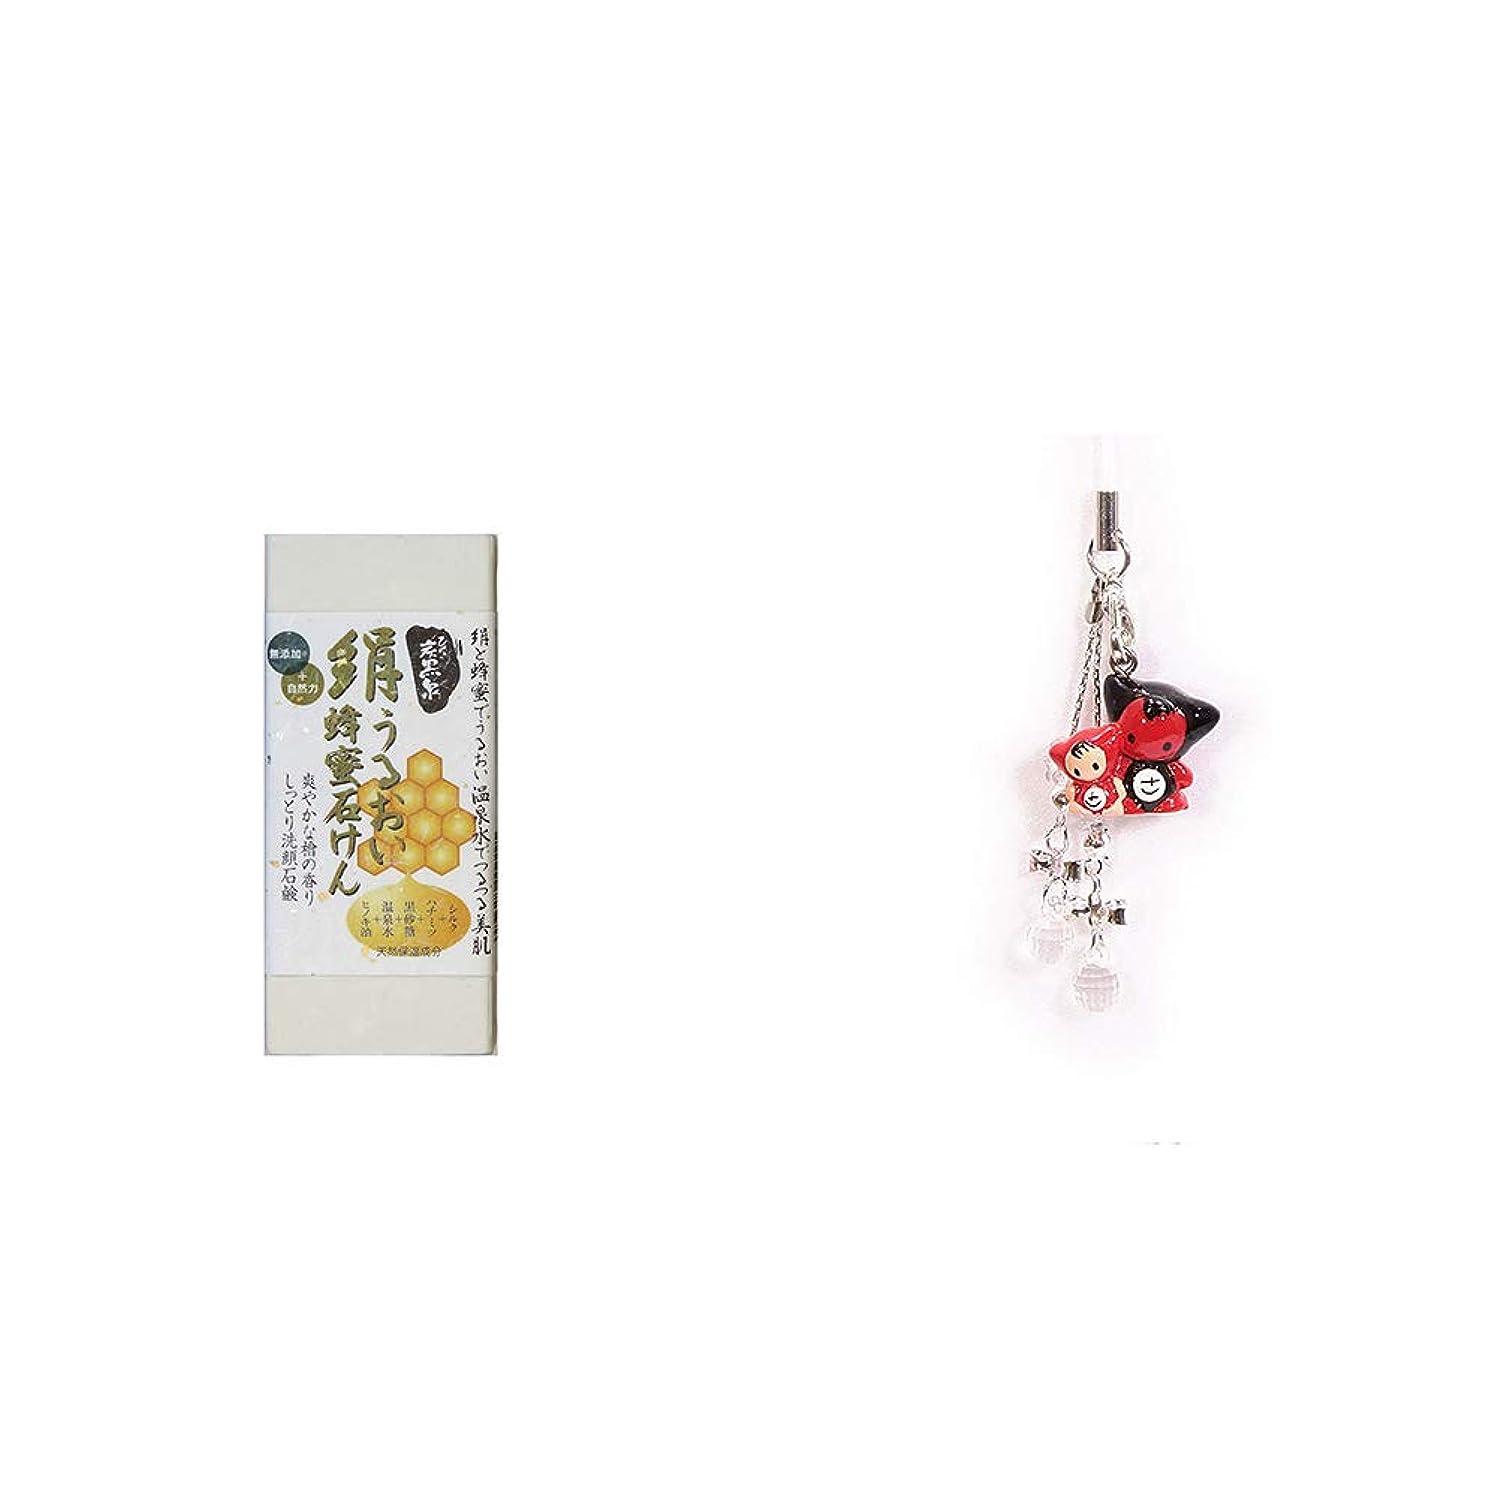 踊り子リス細分化する[2点セット] ひのき炭黒泉 絹うるおい蜂蜜石けん(75g×2)?さるぼぼペアビーズストラップ 【クリア】/縁結び?魔除け//